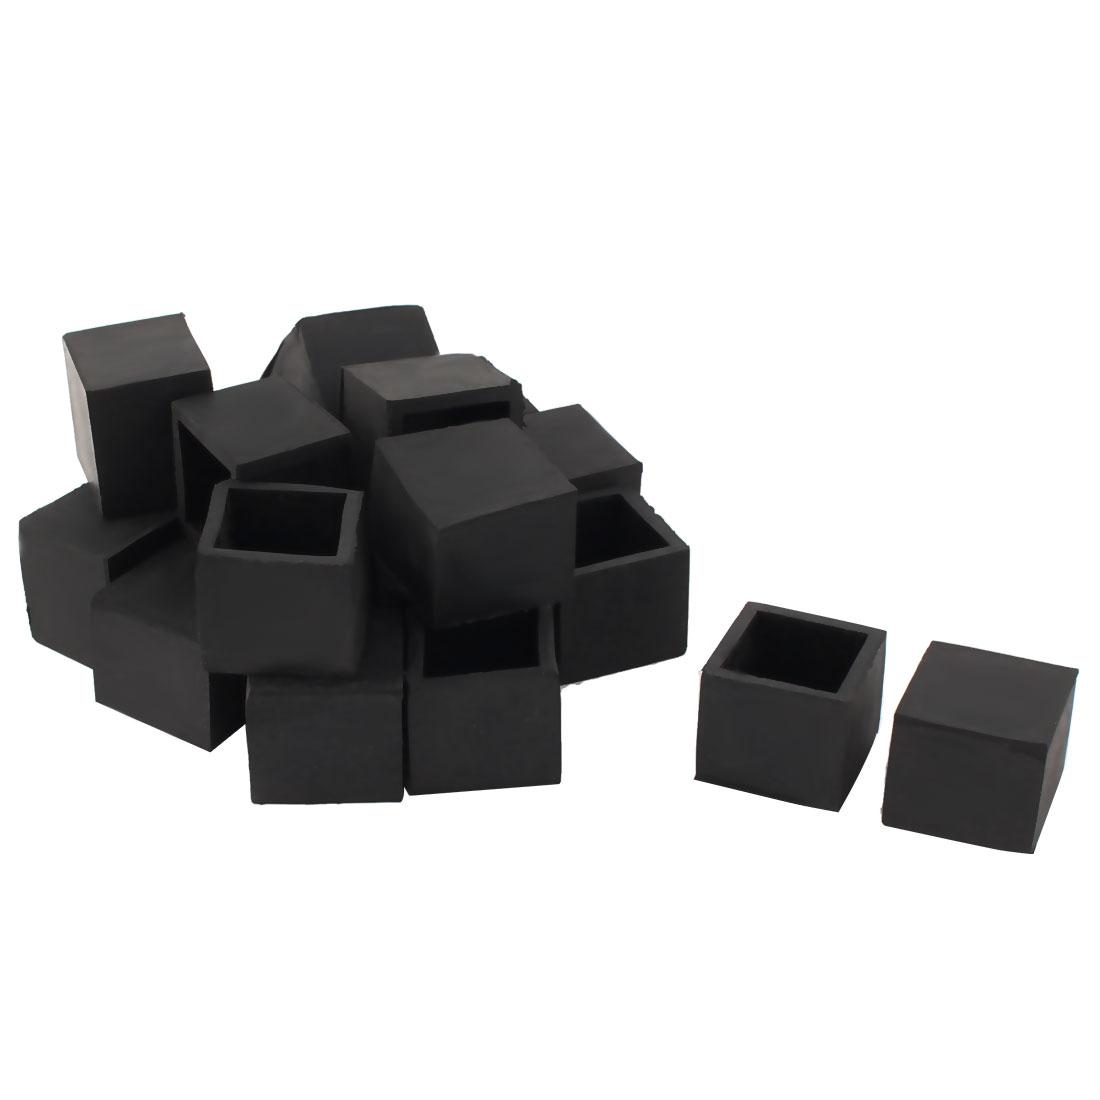 24mm x 24mm Square Tube Insert Table Desk Leg Foot Rubber End Caps Black 20pcs